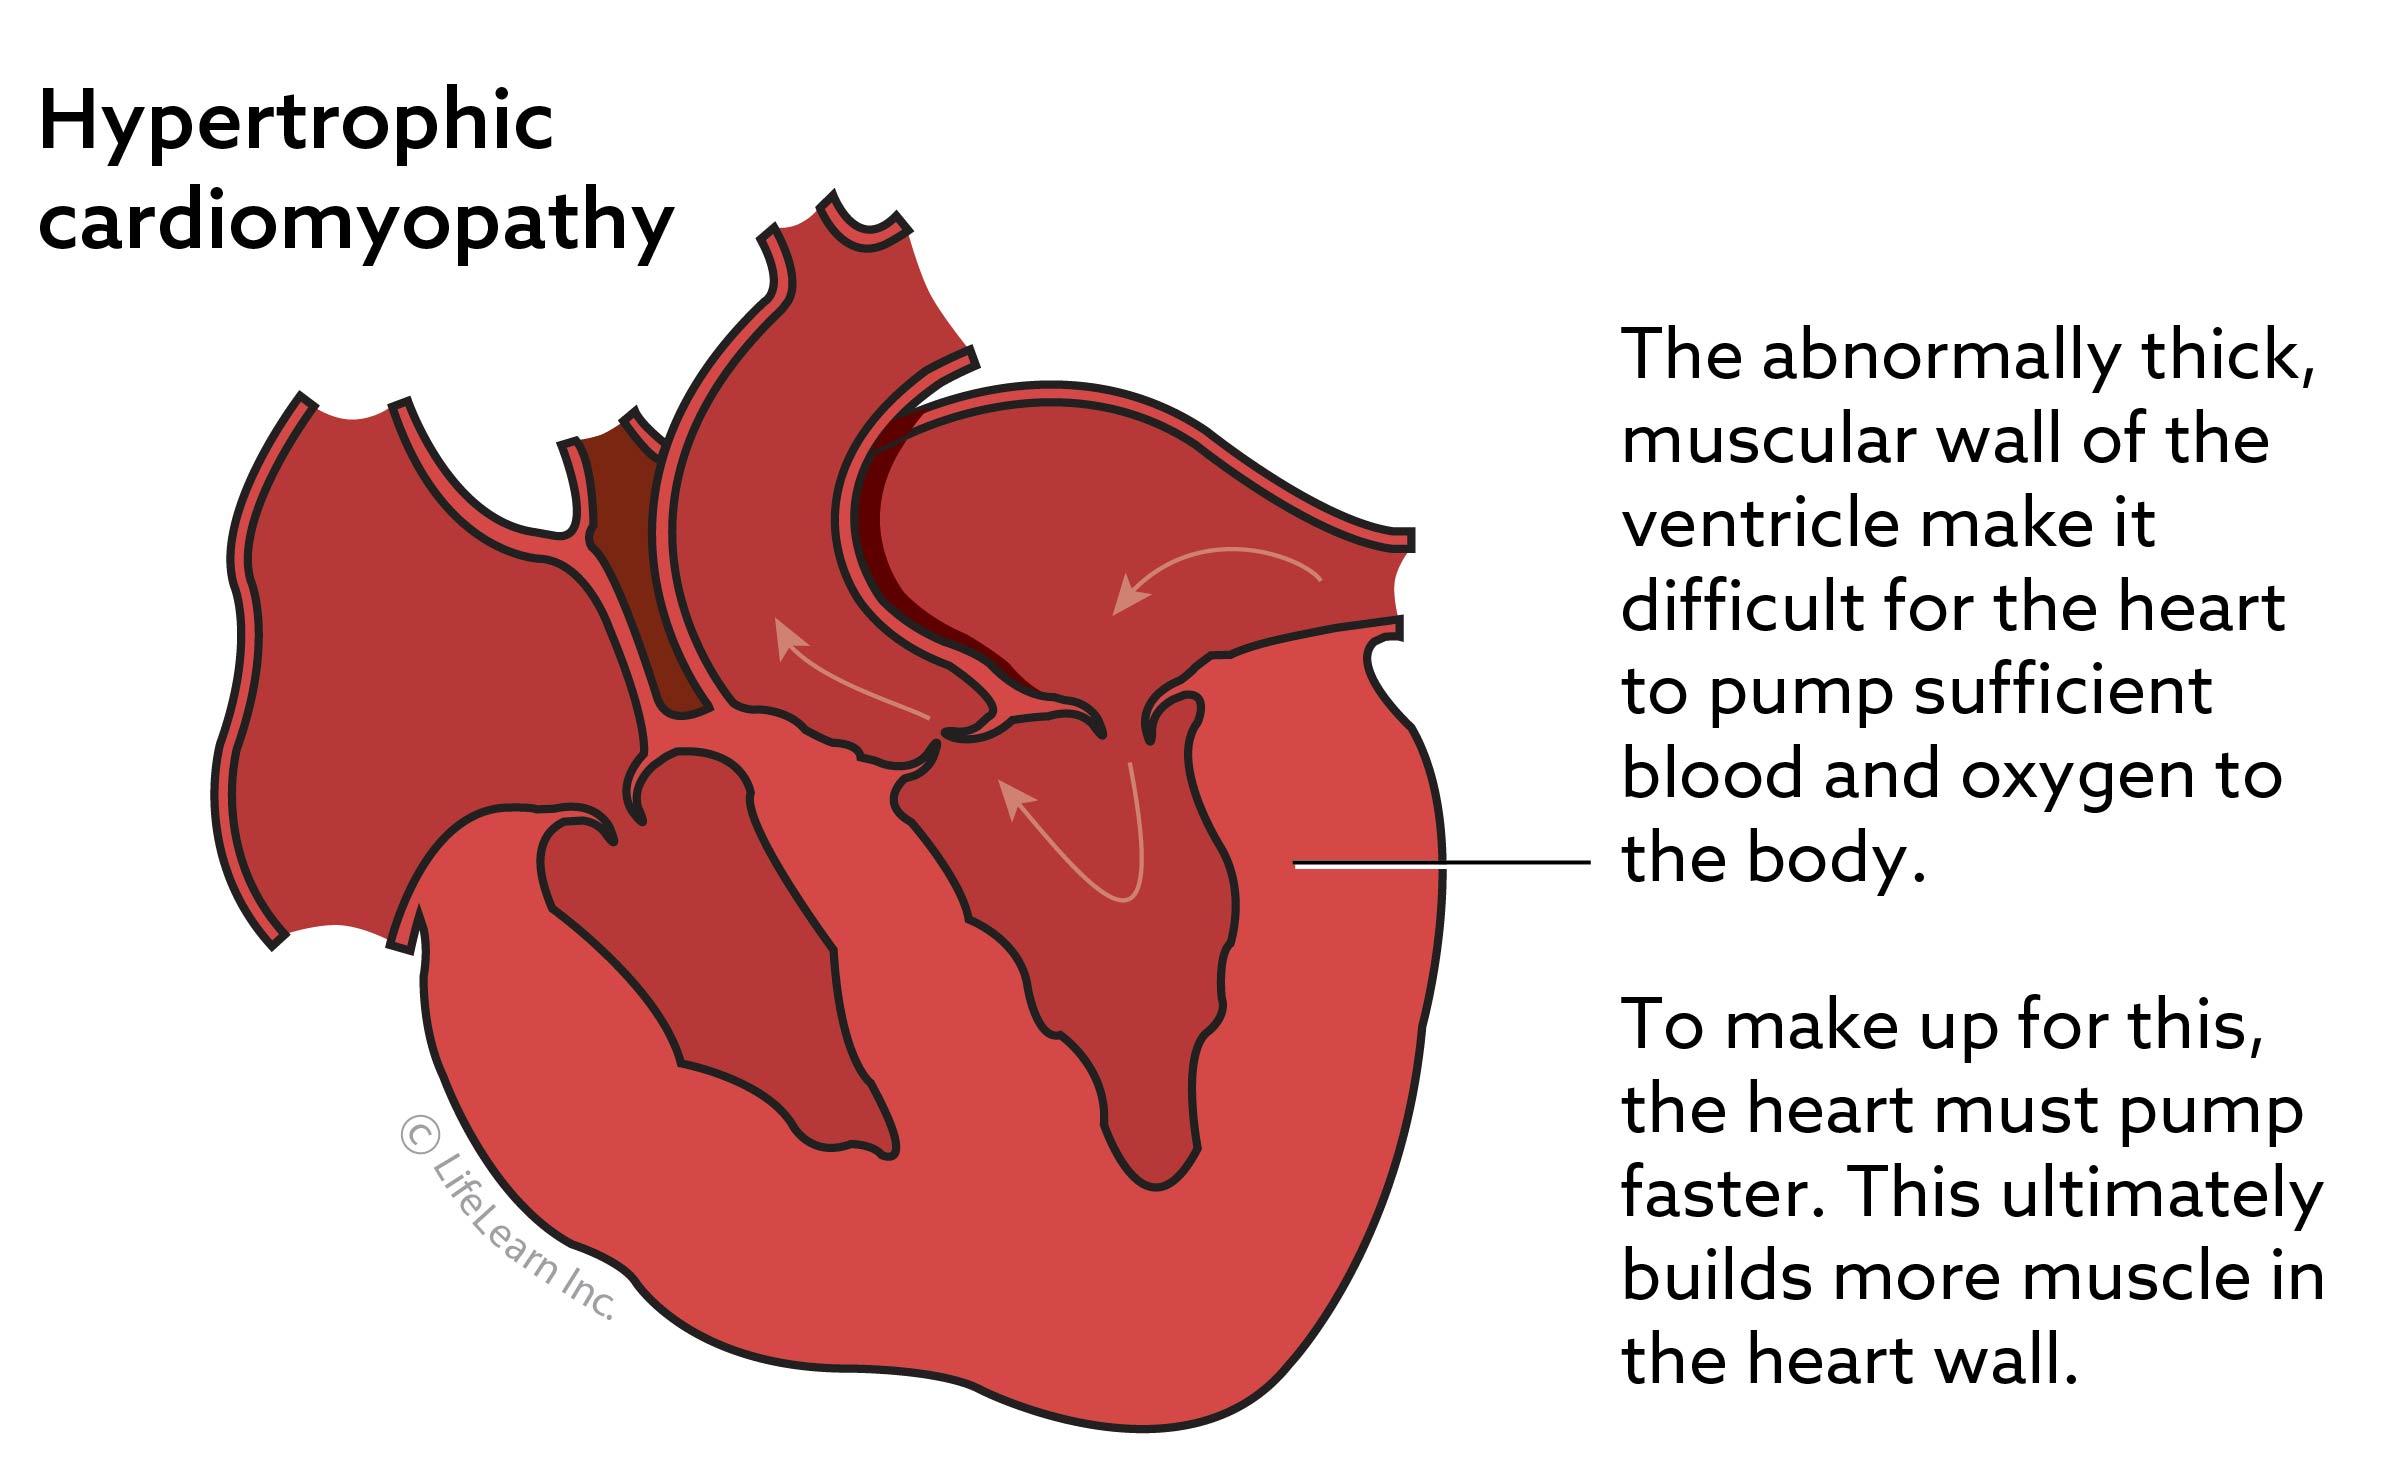 hypertrophic_cardiomyopathy-04